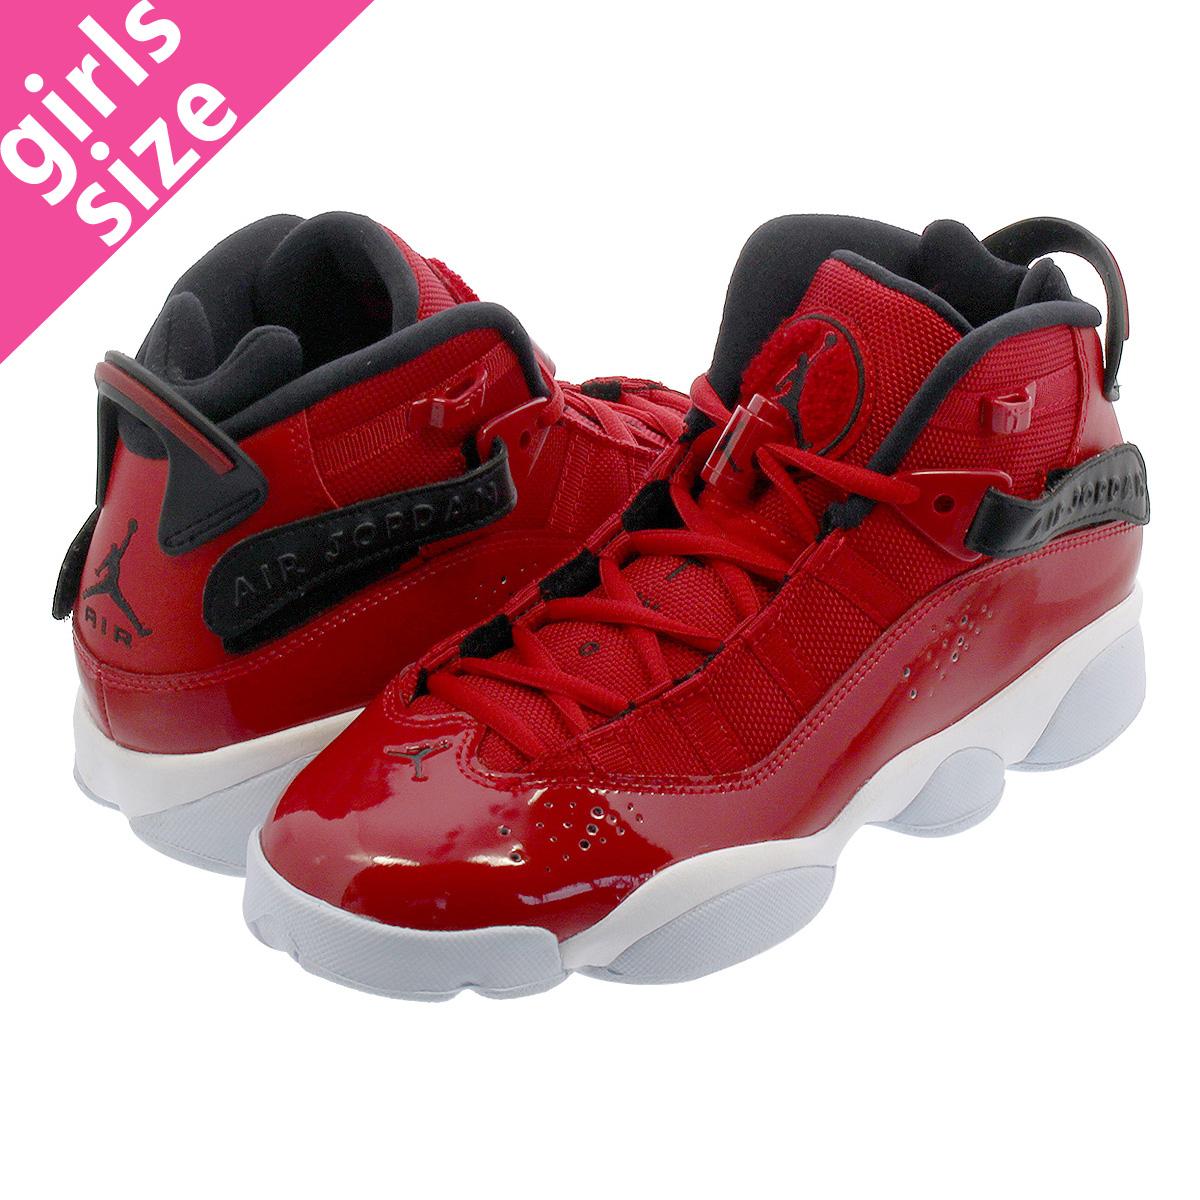 best sneakers 86c62 d12e3 NIKE JORDAN 6 RINGS BG Nike Jordan 6 RINGS Co.,Ltd. BG GYM RED/BLACK/WHITE  323,419-601